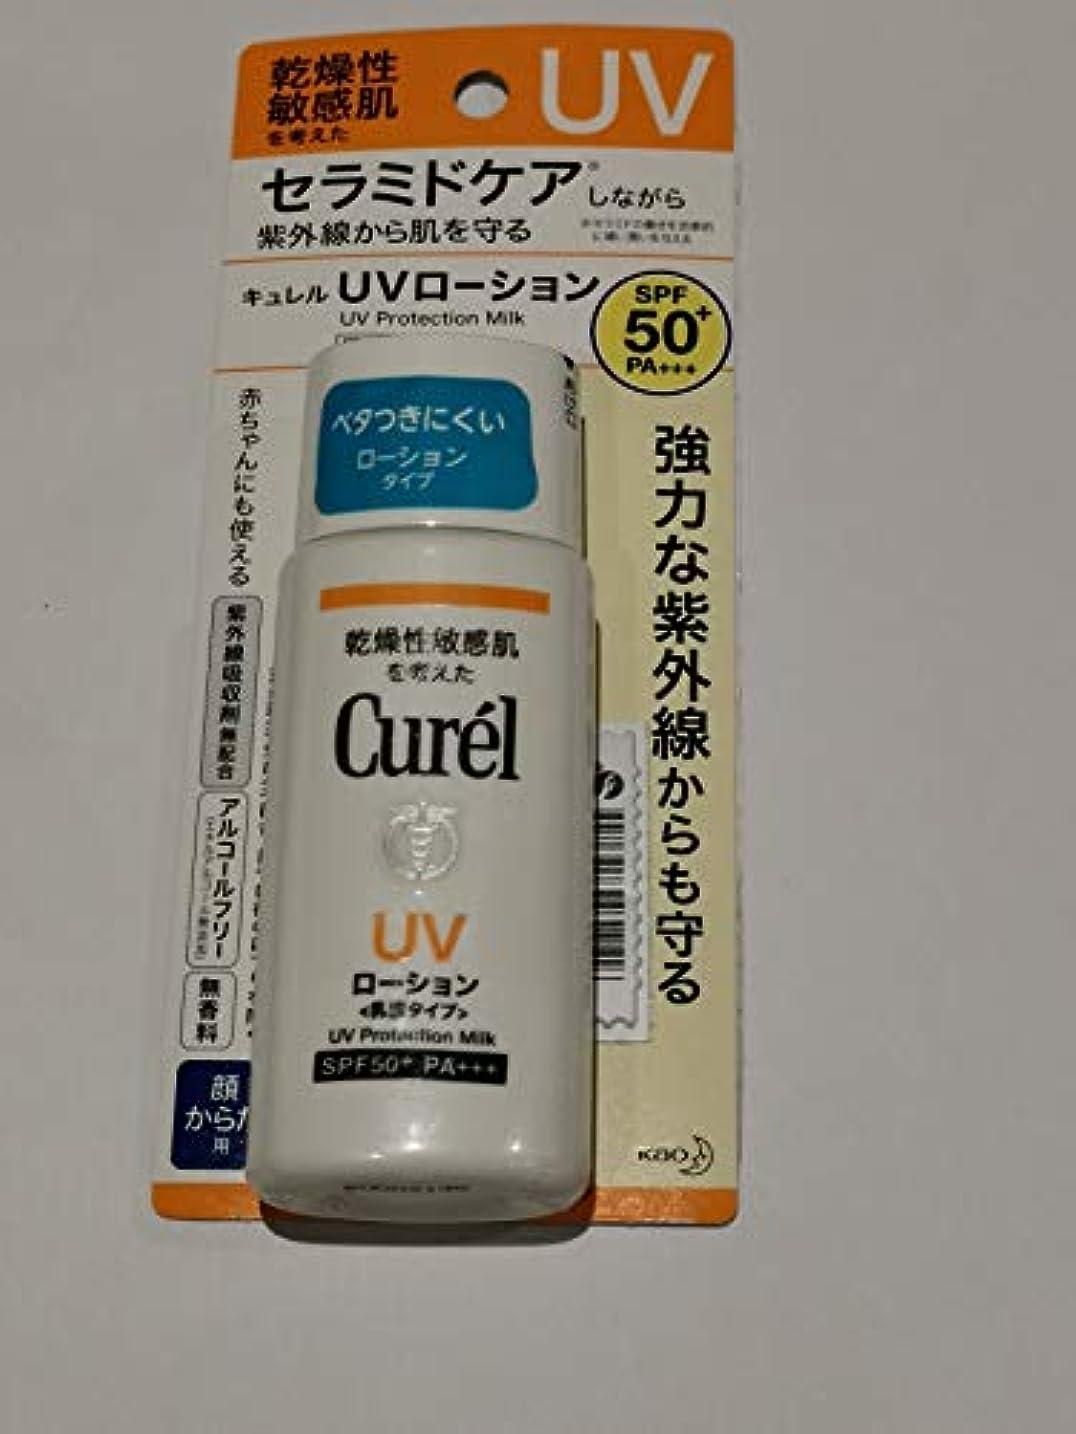 スーパーマーケット合意みなさんCurél 牛乳のキュレルUVプロテクションフェースSPF5060のグラム - 紫外線による肌の赤みや炎症を軽減しながらUVに対する長期的な保護は、最強の光線